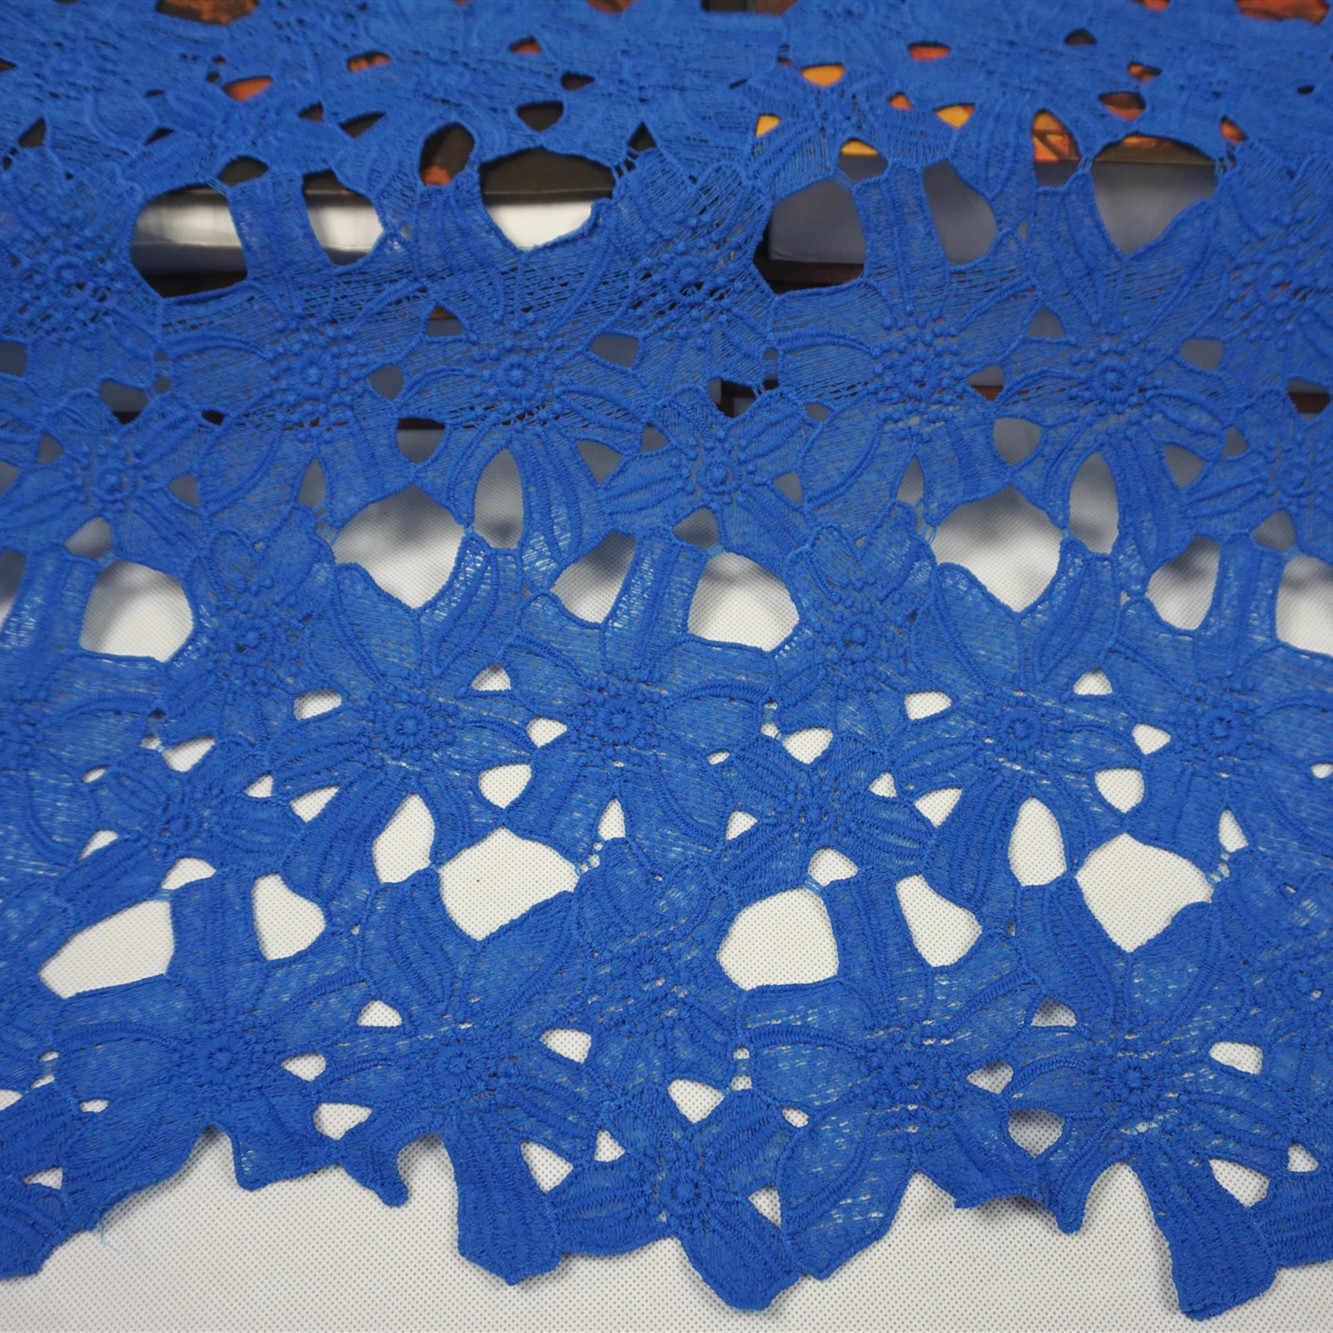 2 metros folha tecidos de renda nigeriano para o vestido de casamento rosa africano cabo rendas tecidos vermelho azul francês guipure material de costura do laço